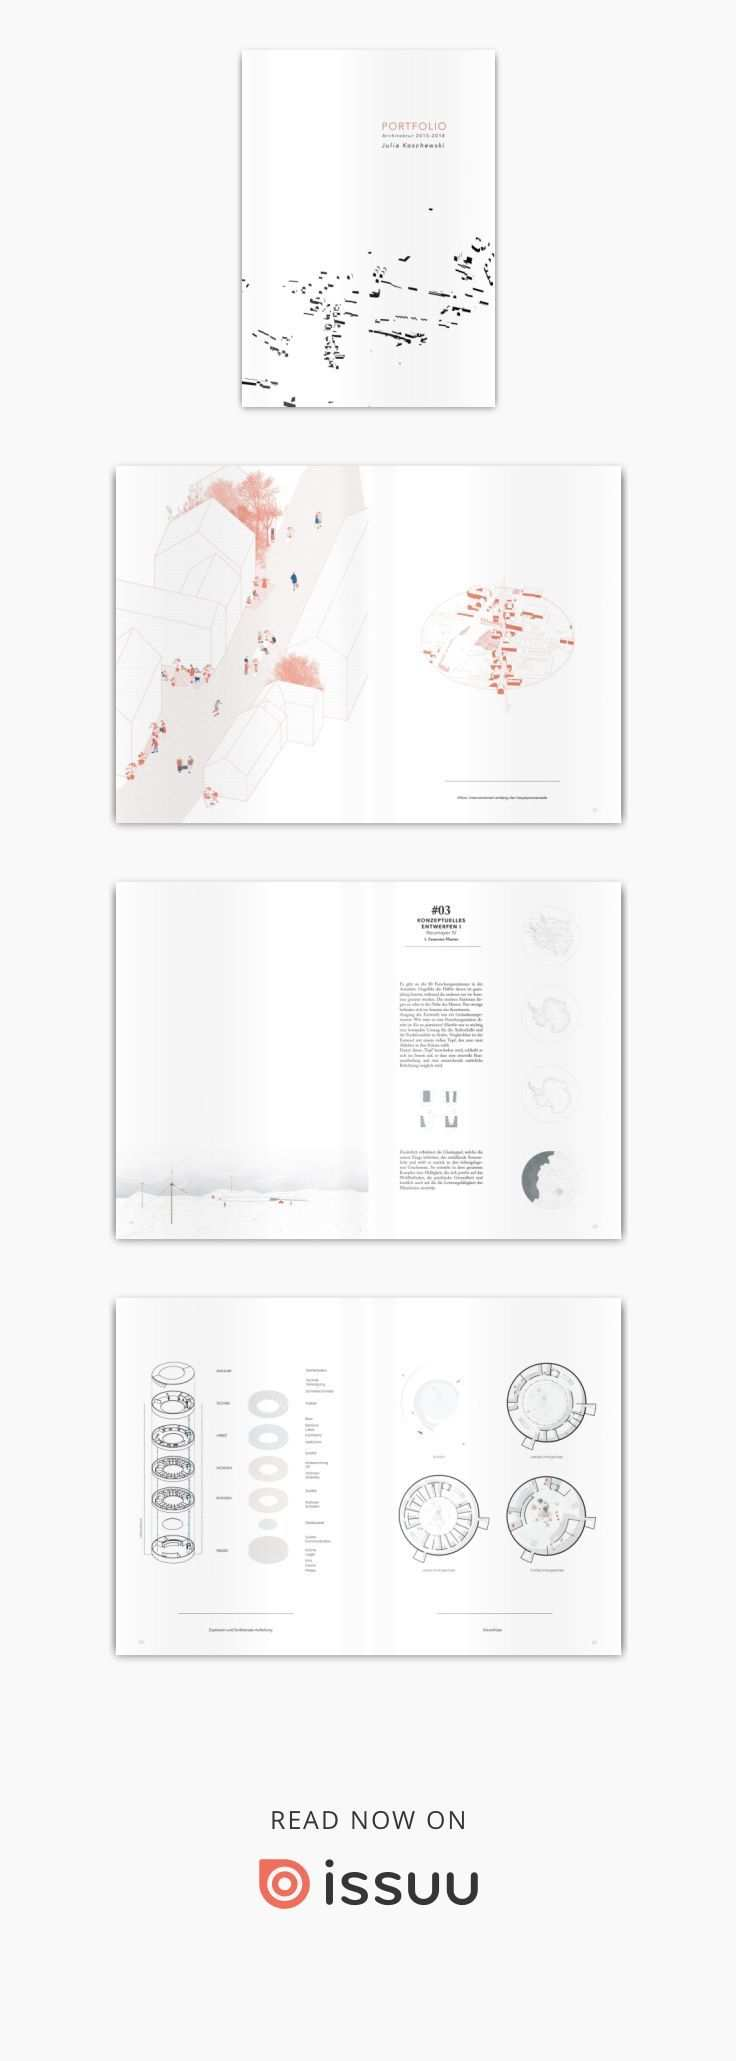 Architecture Portfolio 2019 By Julia Koschewski Architektur Portfolio Architektur Visualisierung Layout Architecture